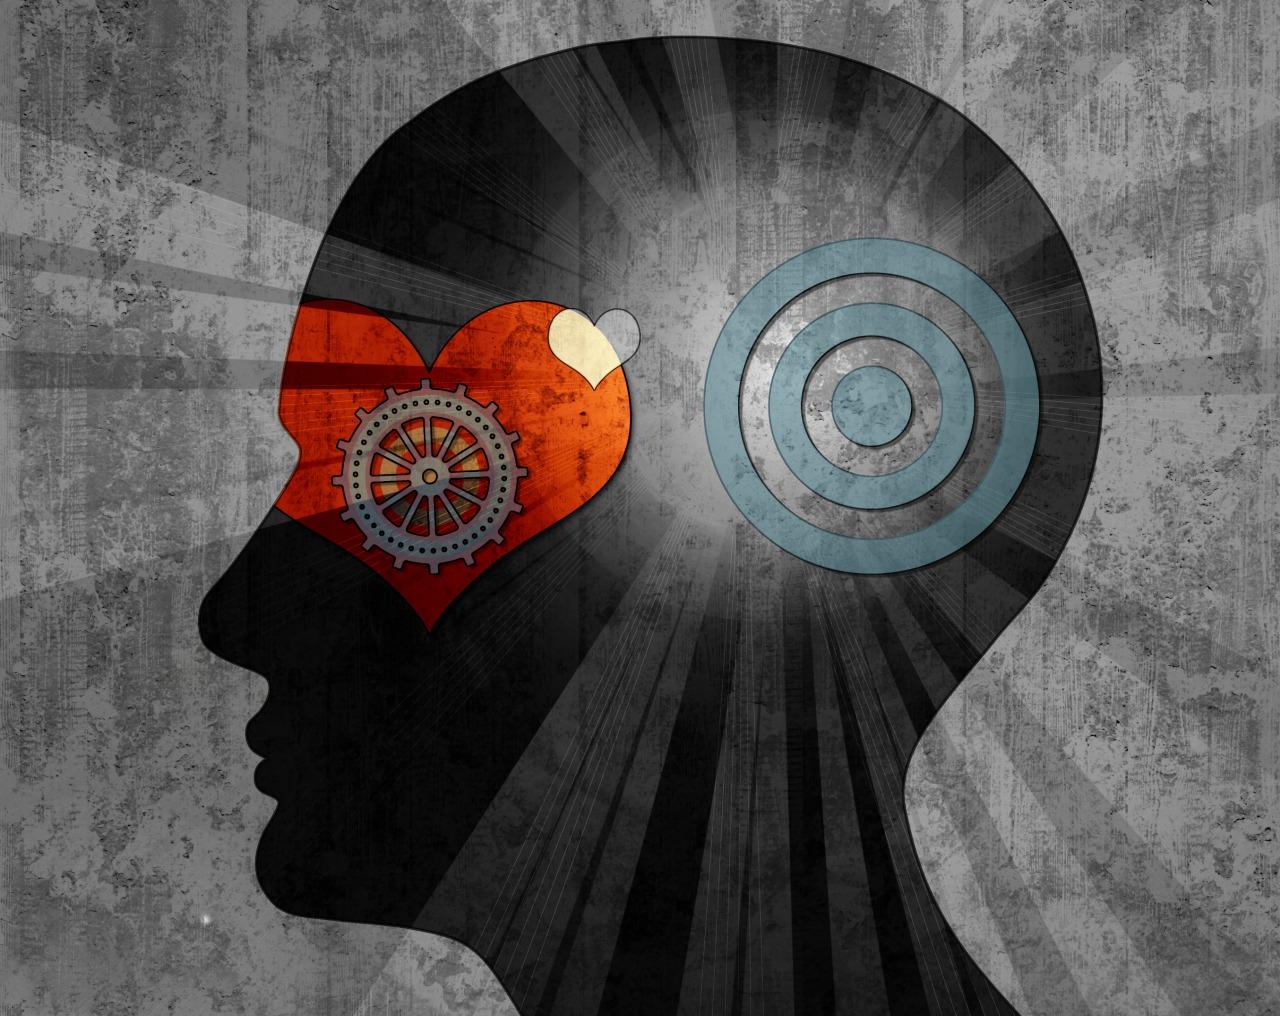 Duygusal zekanızı geliştirmeniz gerektiğini nasıl anlarsınız?